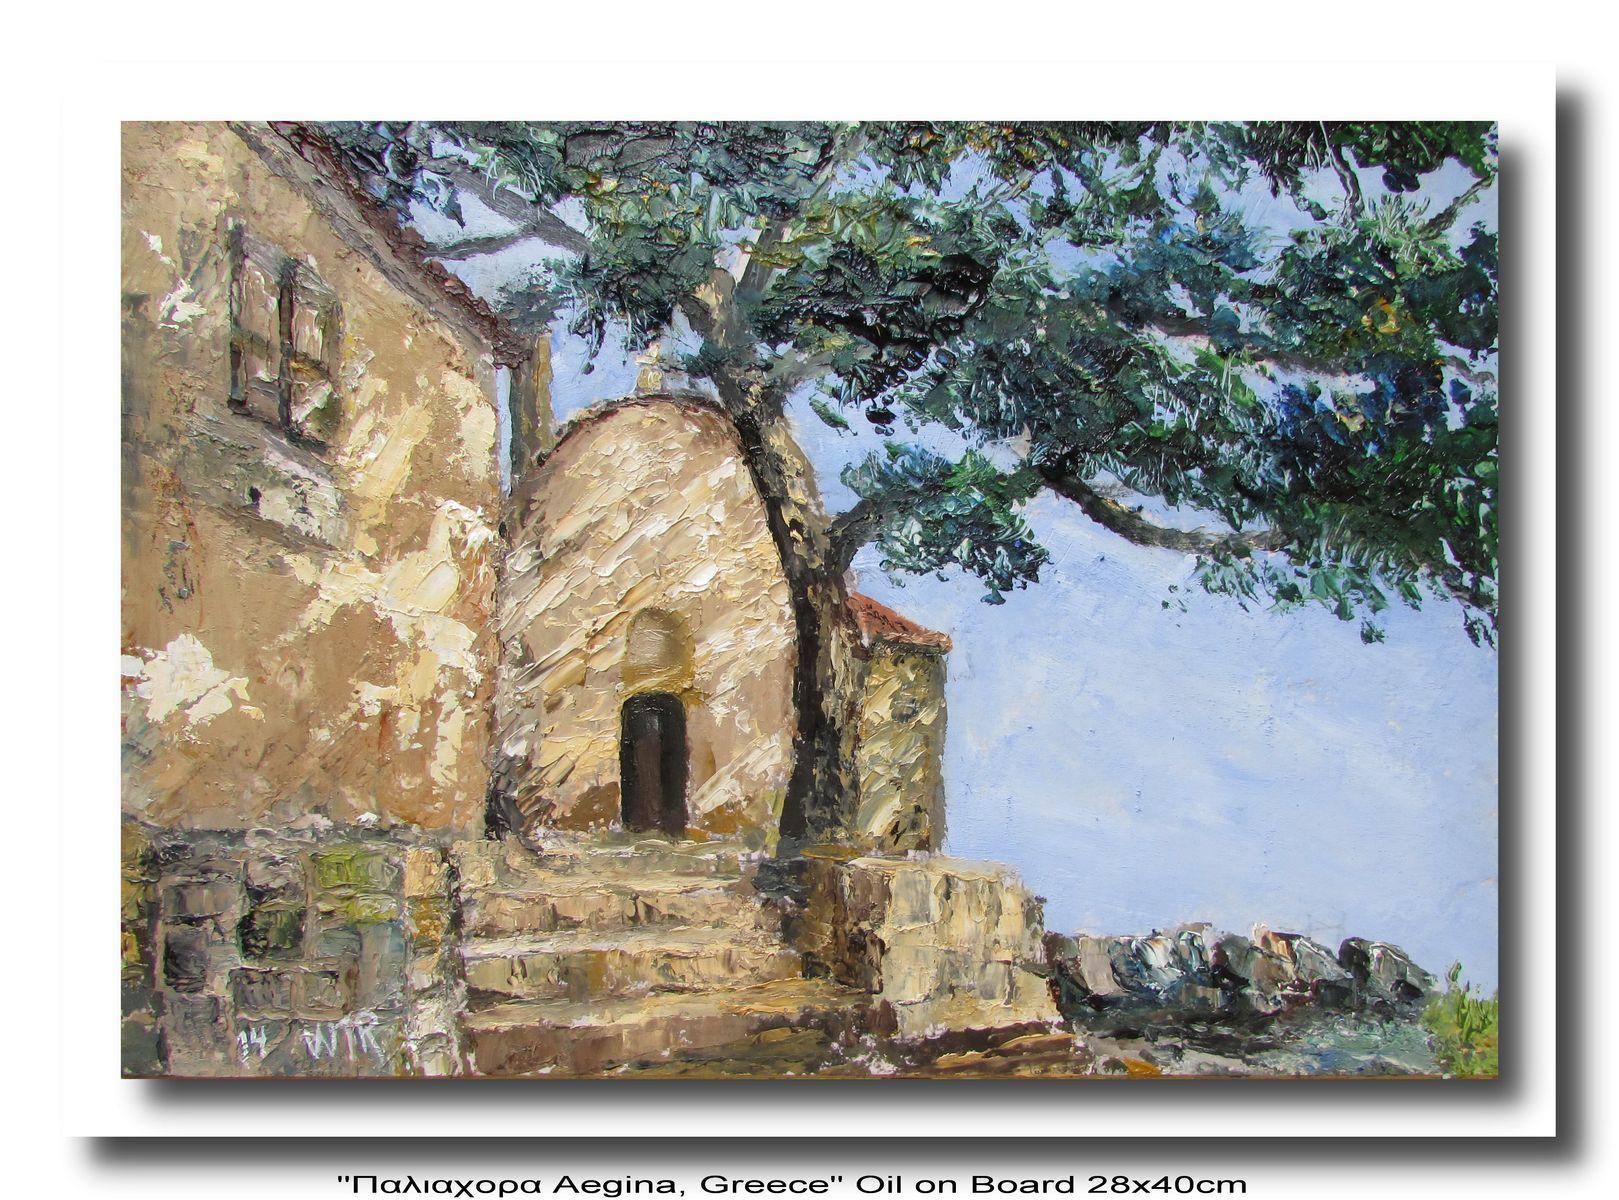 Παλιαχορα, Aegina, Greece